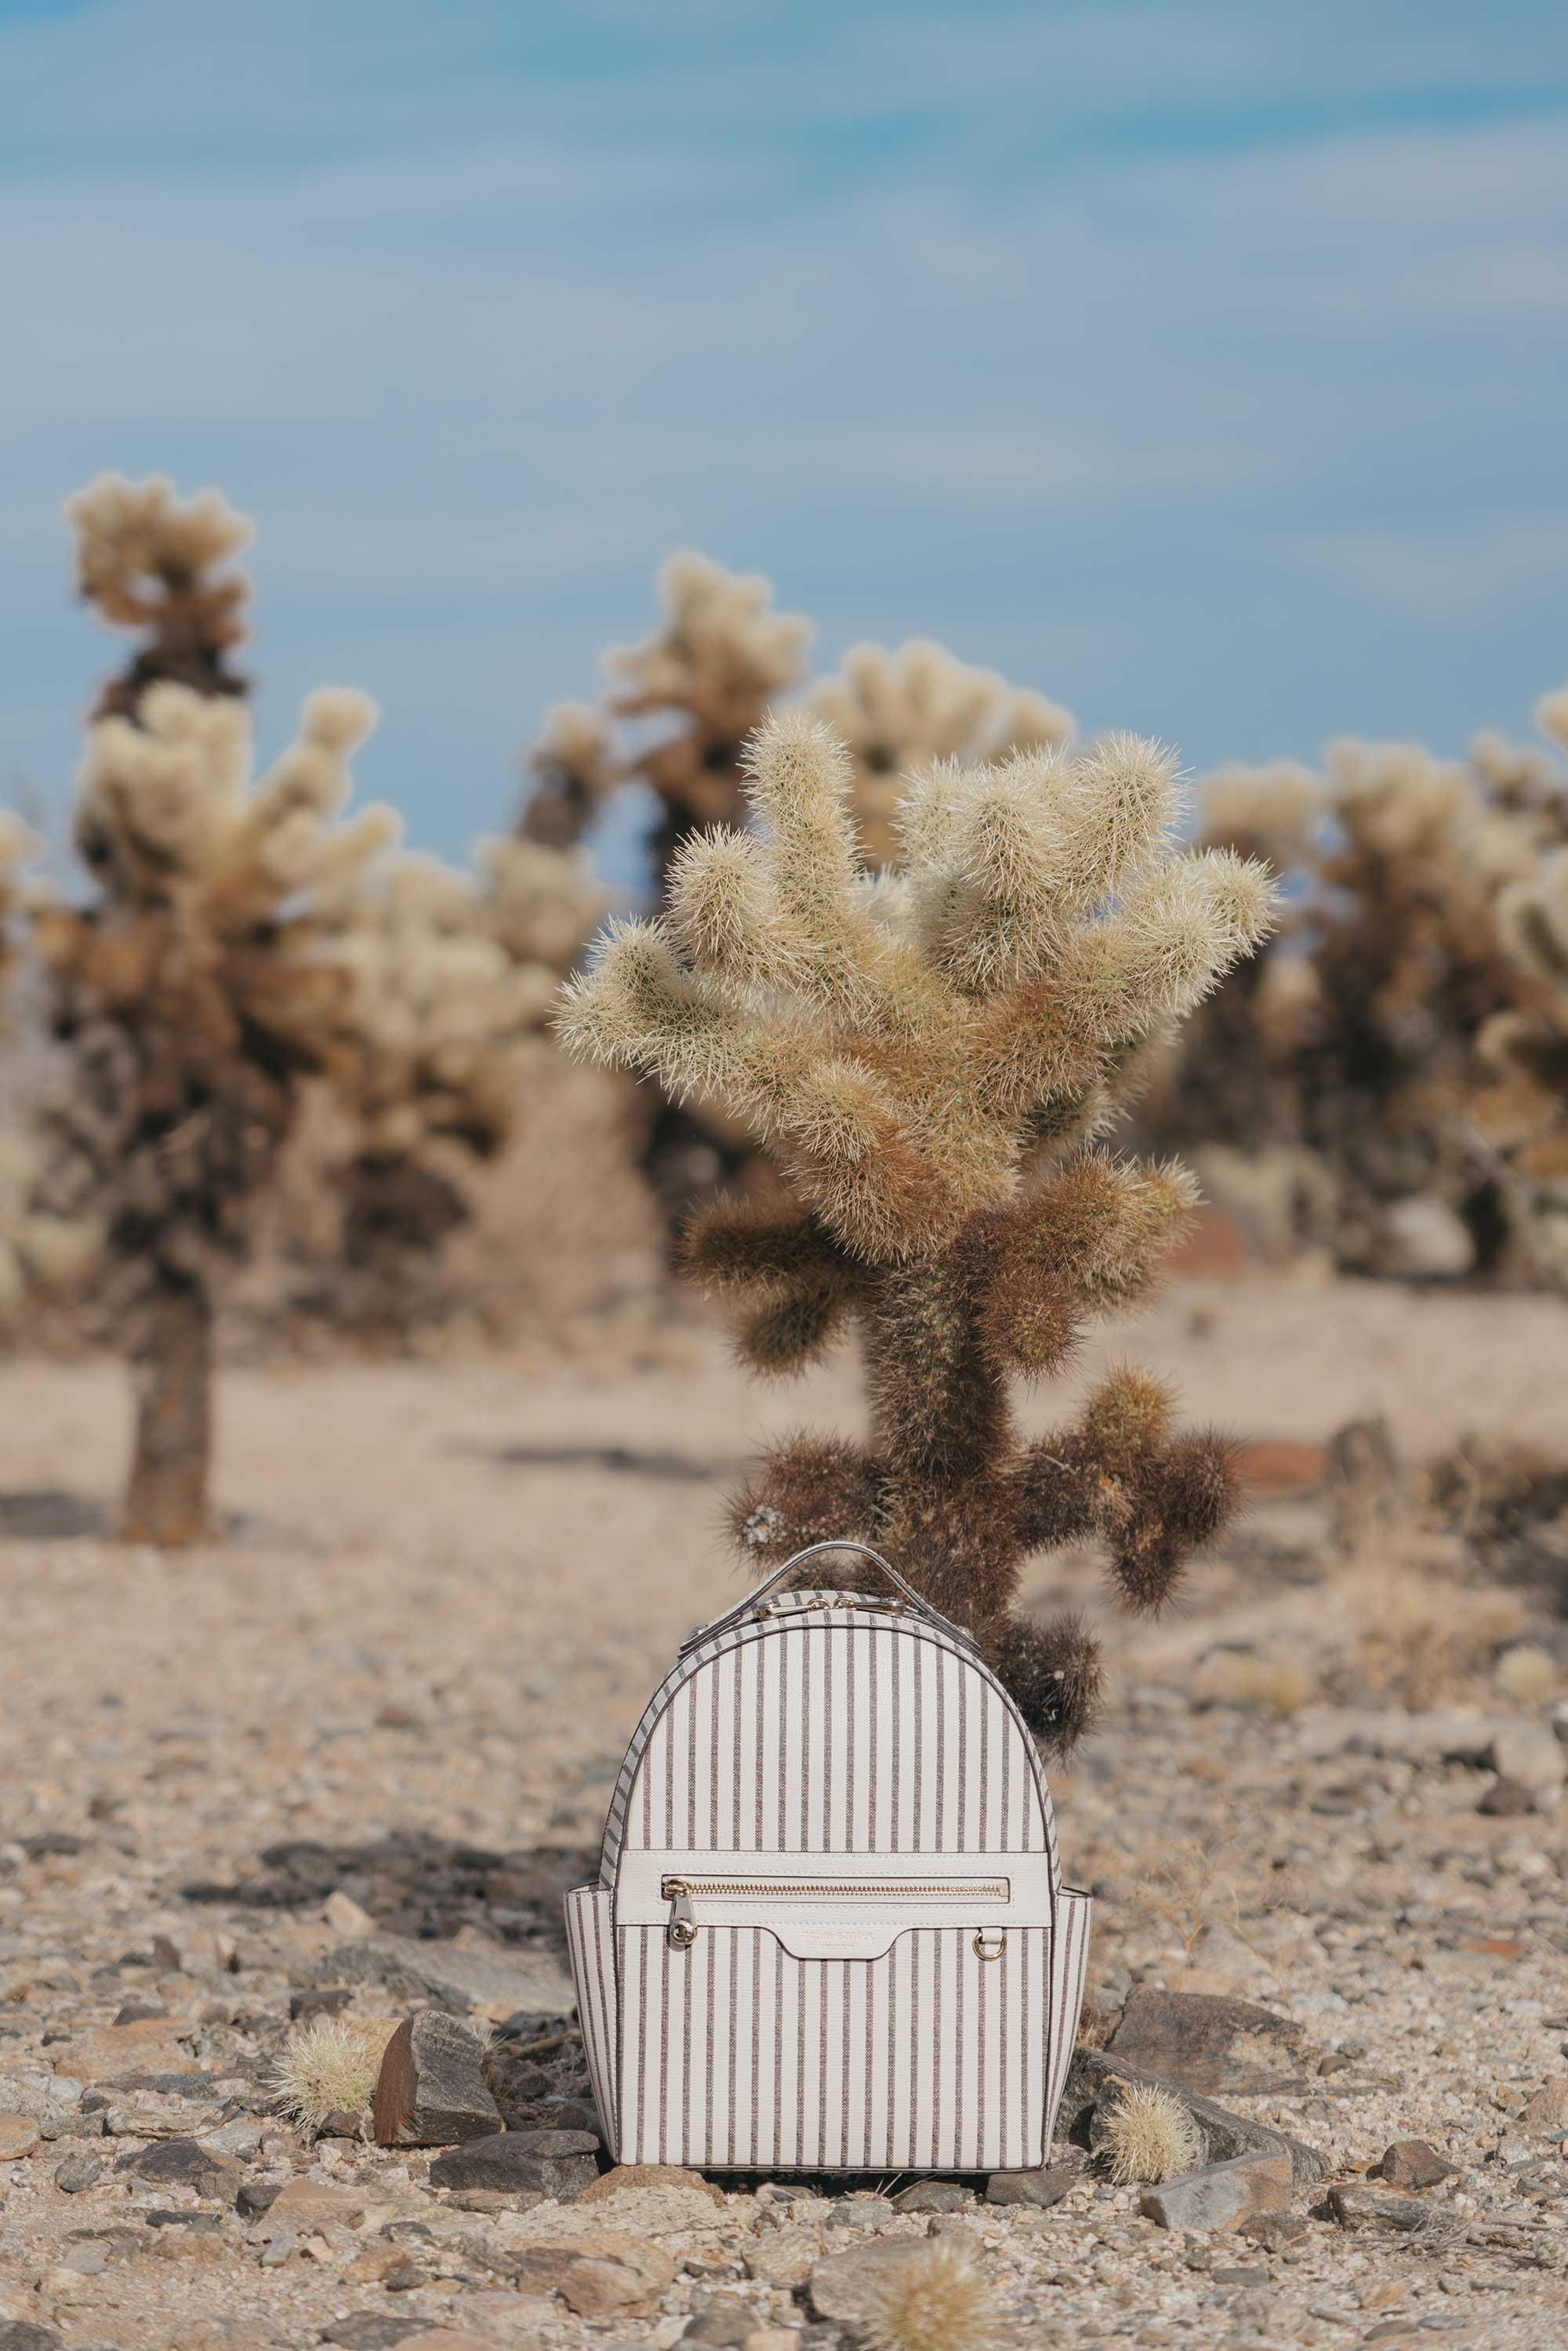 Henir Bendel WEST 57TH STRIPED BACKPACK festival outfit for Coachella Cholla Cactus Garden Joshua Tree Desert18.jpg